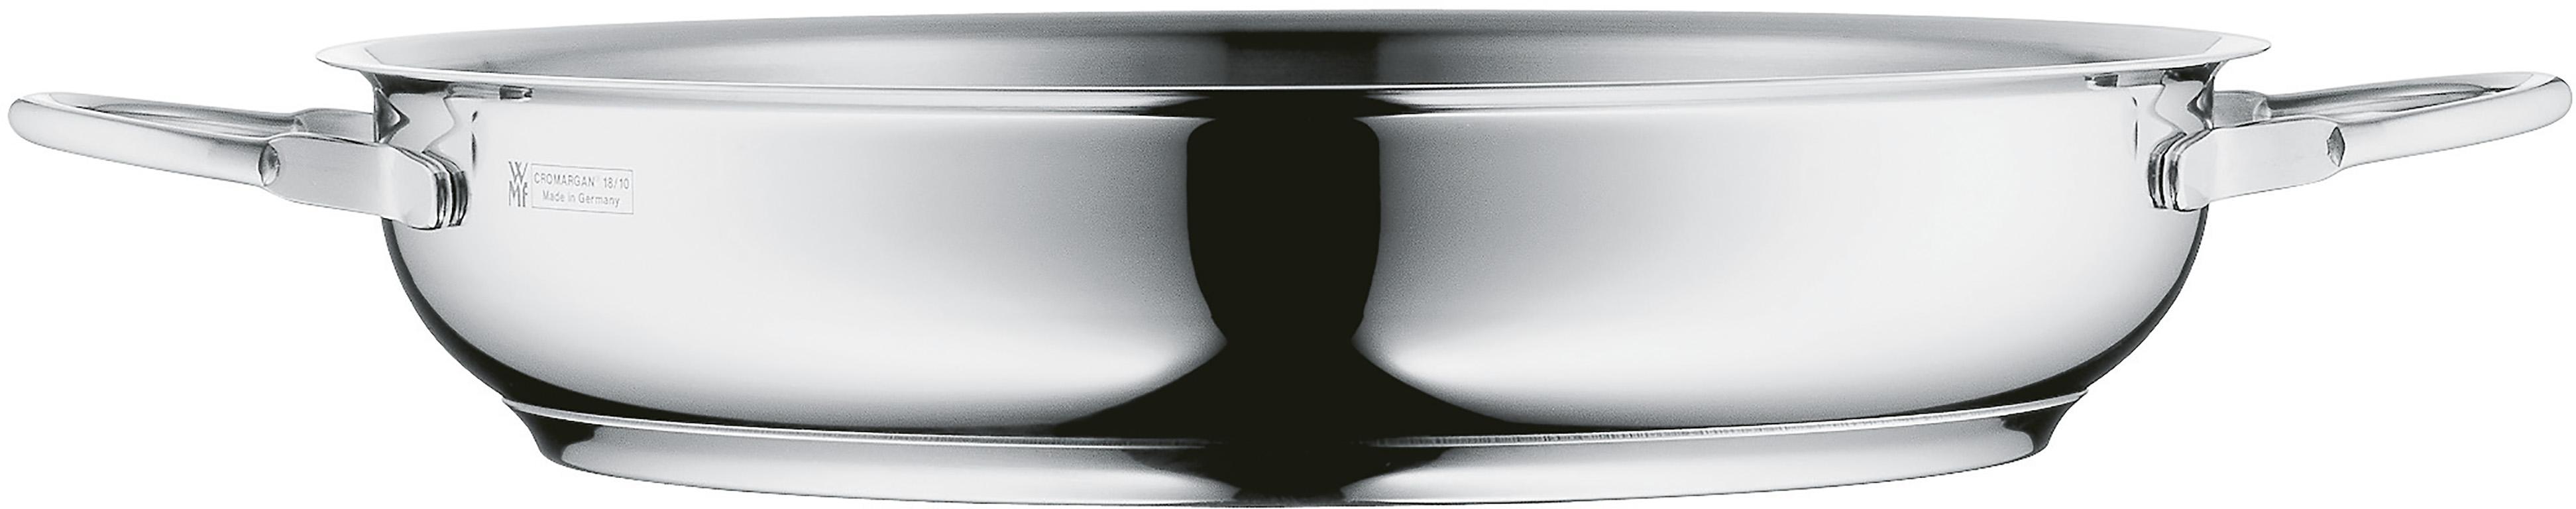 wmf servierpfanne 28 cm kochgeschirr. Black Bedroom Furniture Sets. Home Design Ideas